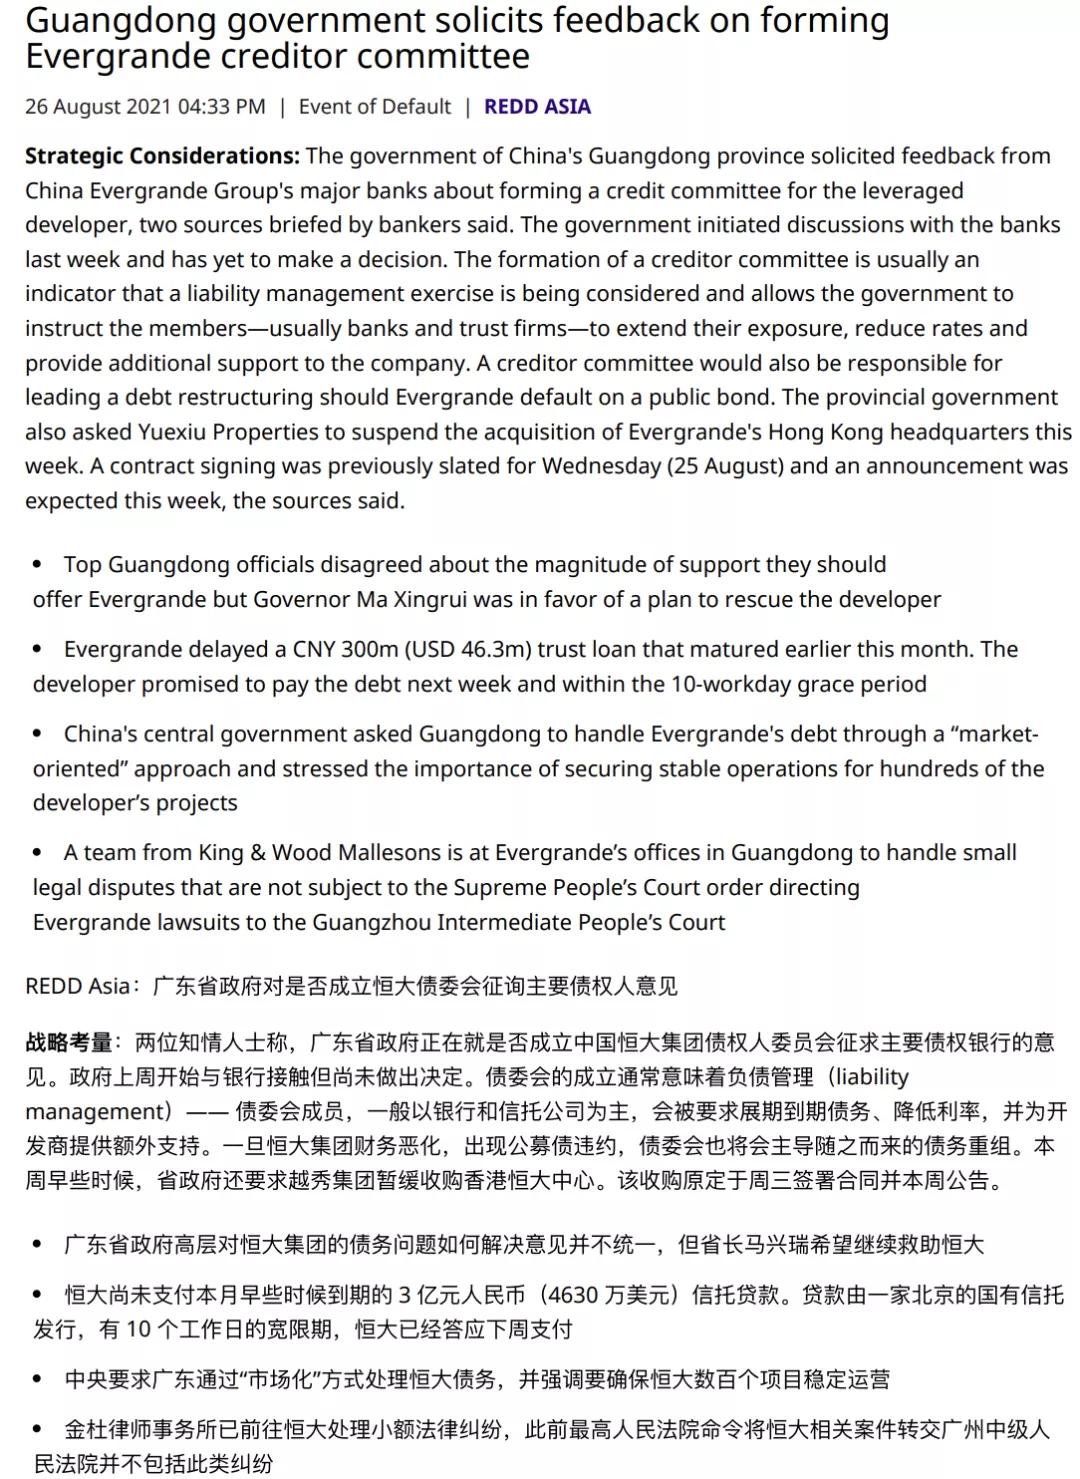 ⼴东省政府对是否成⽴恒⼤债委会征询主要债权⼈意⻅